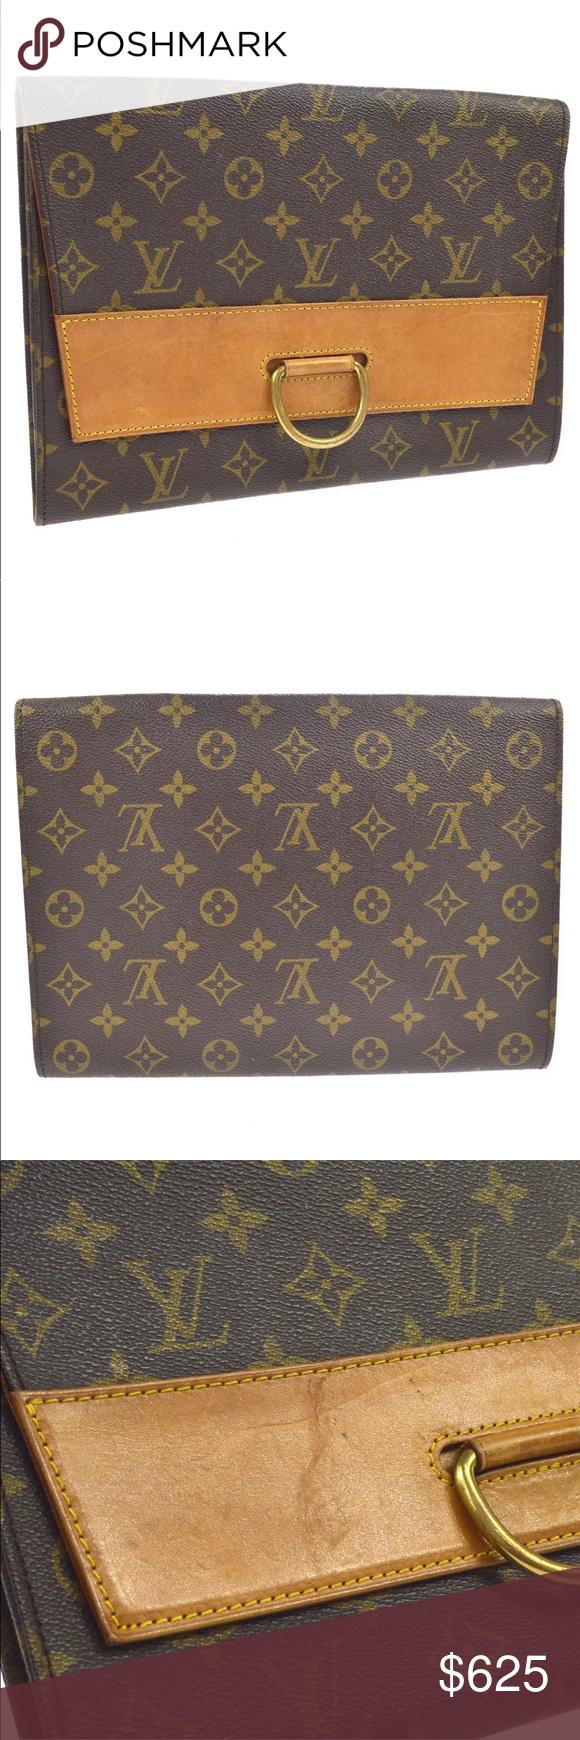 Authentic Louis Vuitton Iena Monogram Clutch Louis Vuitton Monogram Clutch Authentic Louis Vuitton